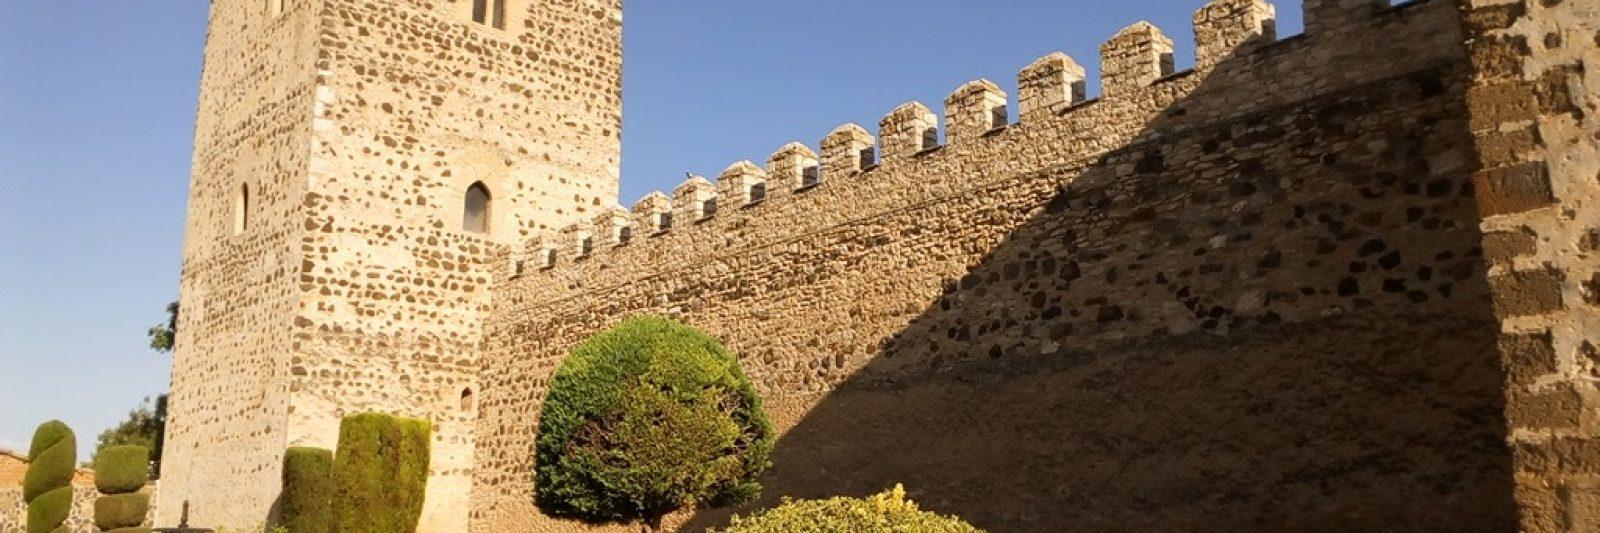 El Castillo de Doña Berenguela, en Bolaños de Calatrava